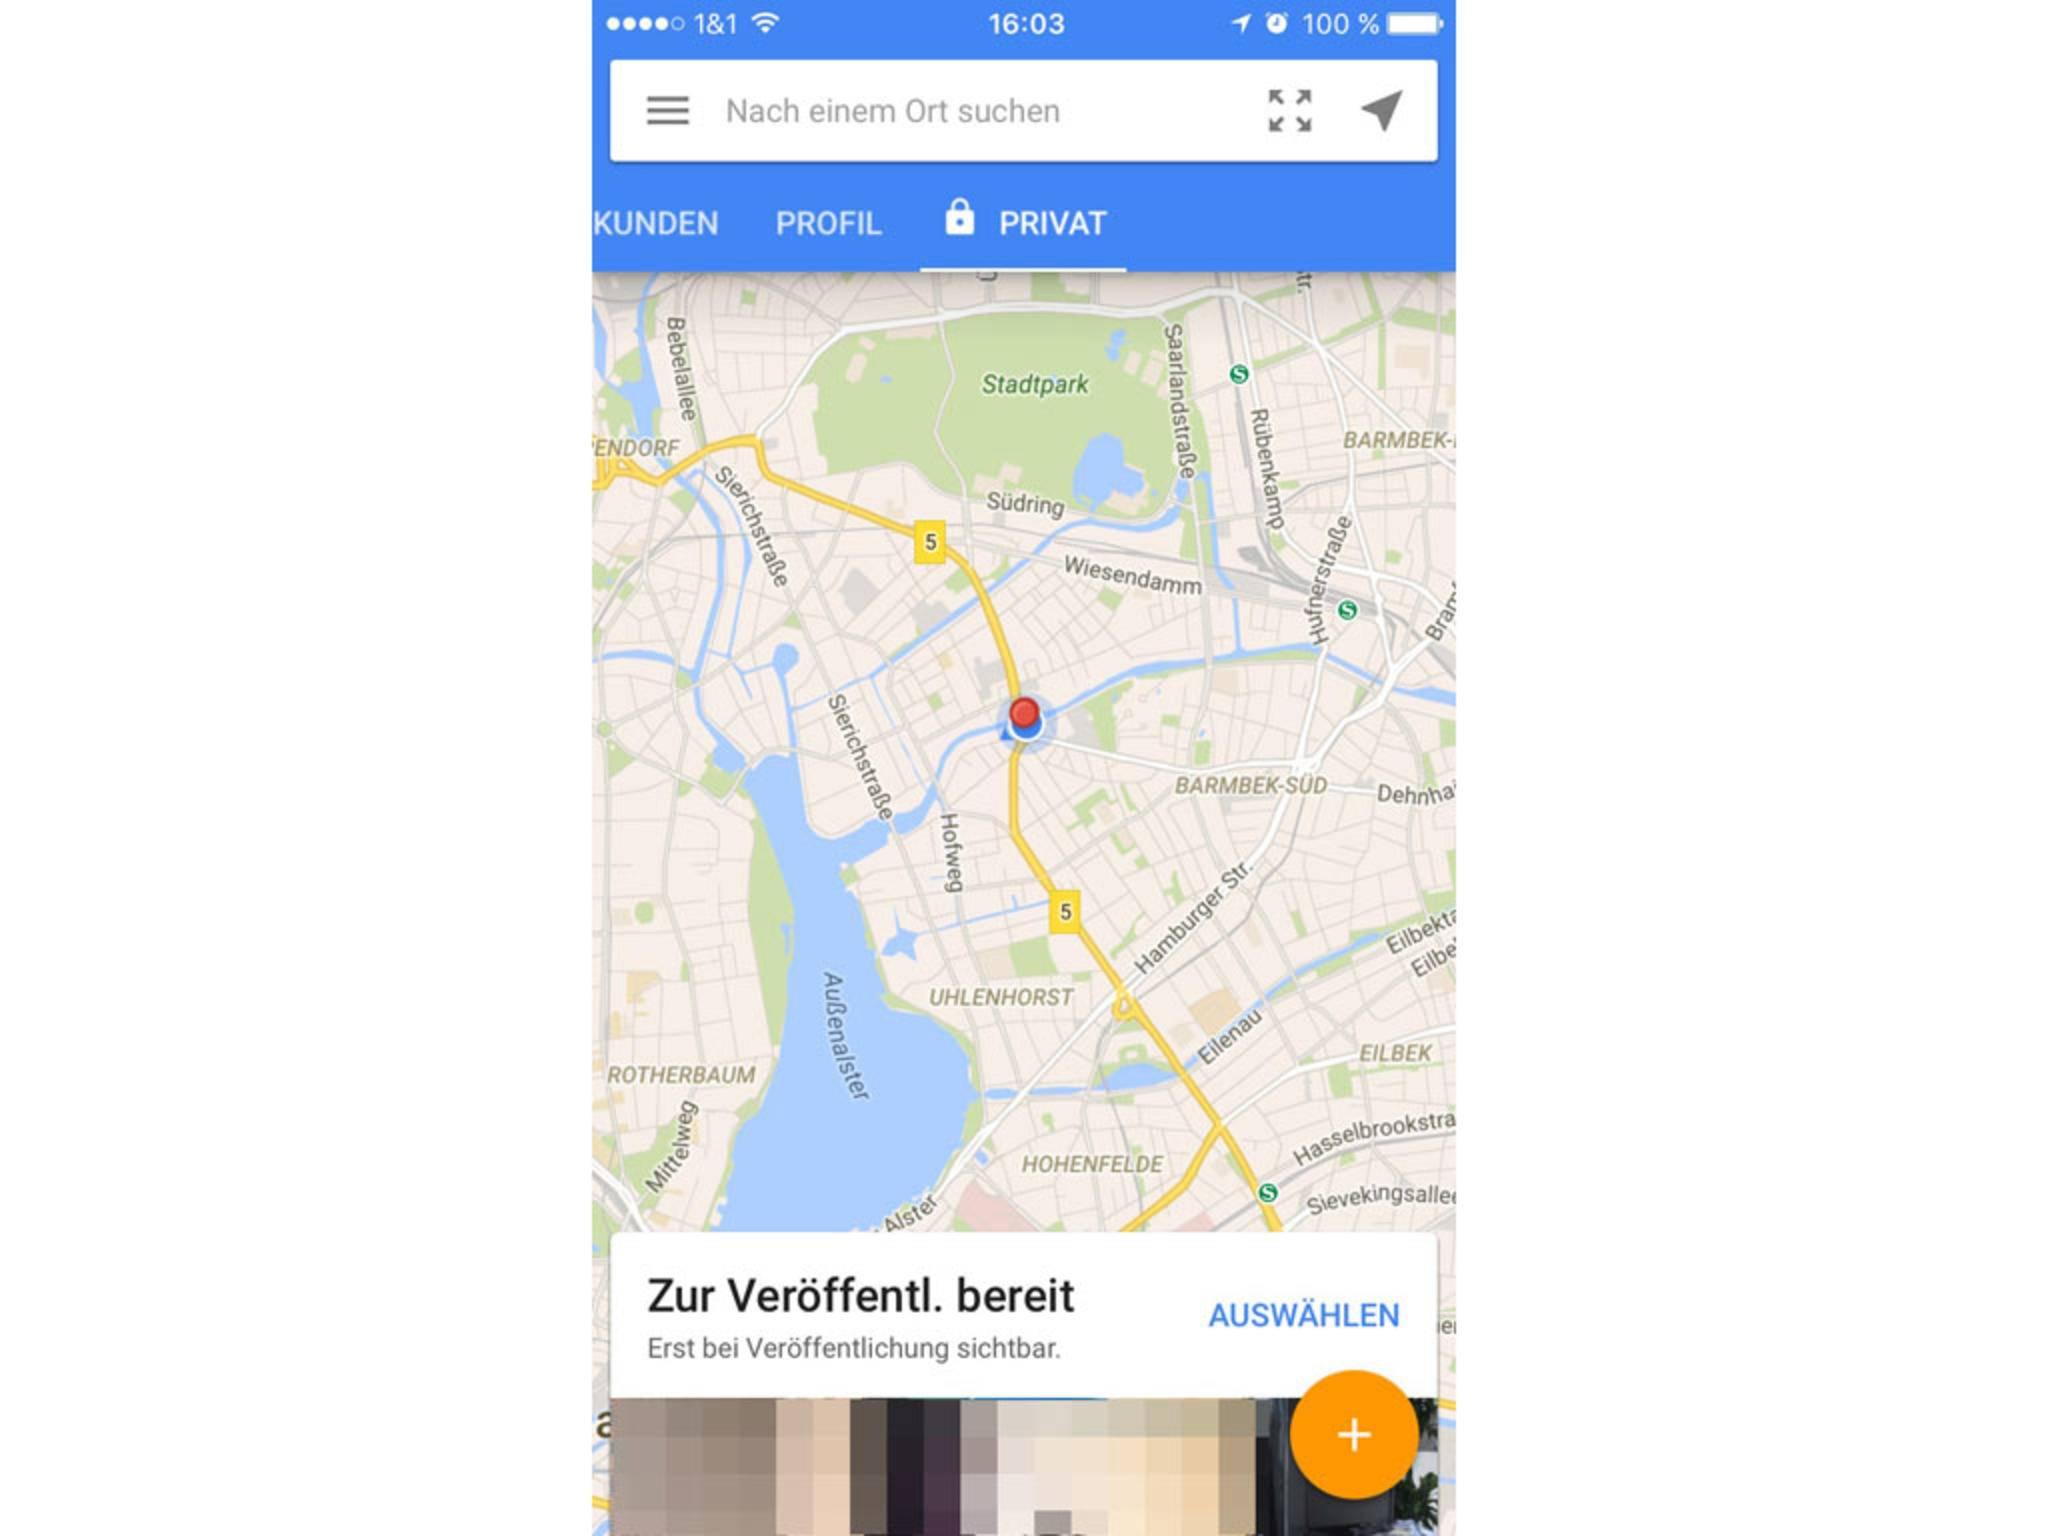 Um ein 360-Grad-Foto in Street View anzufertigen, klicke auf das Plus-Zeichen.